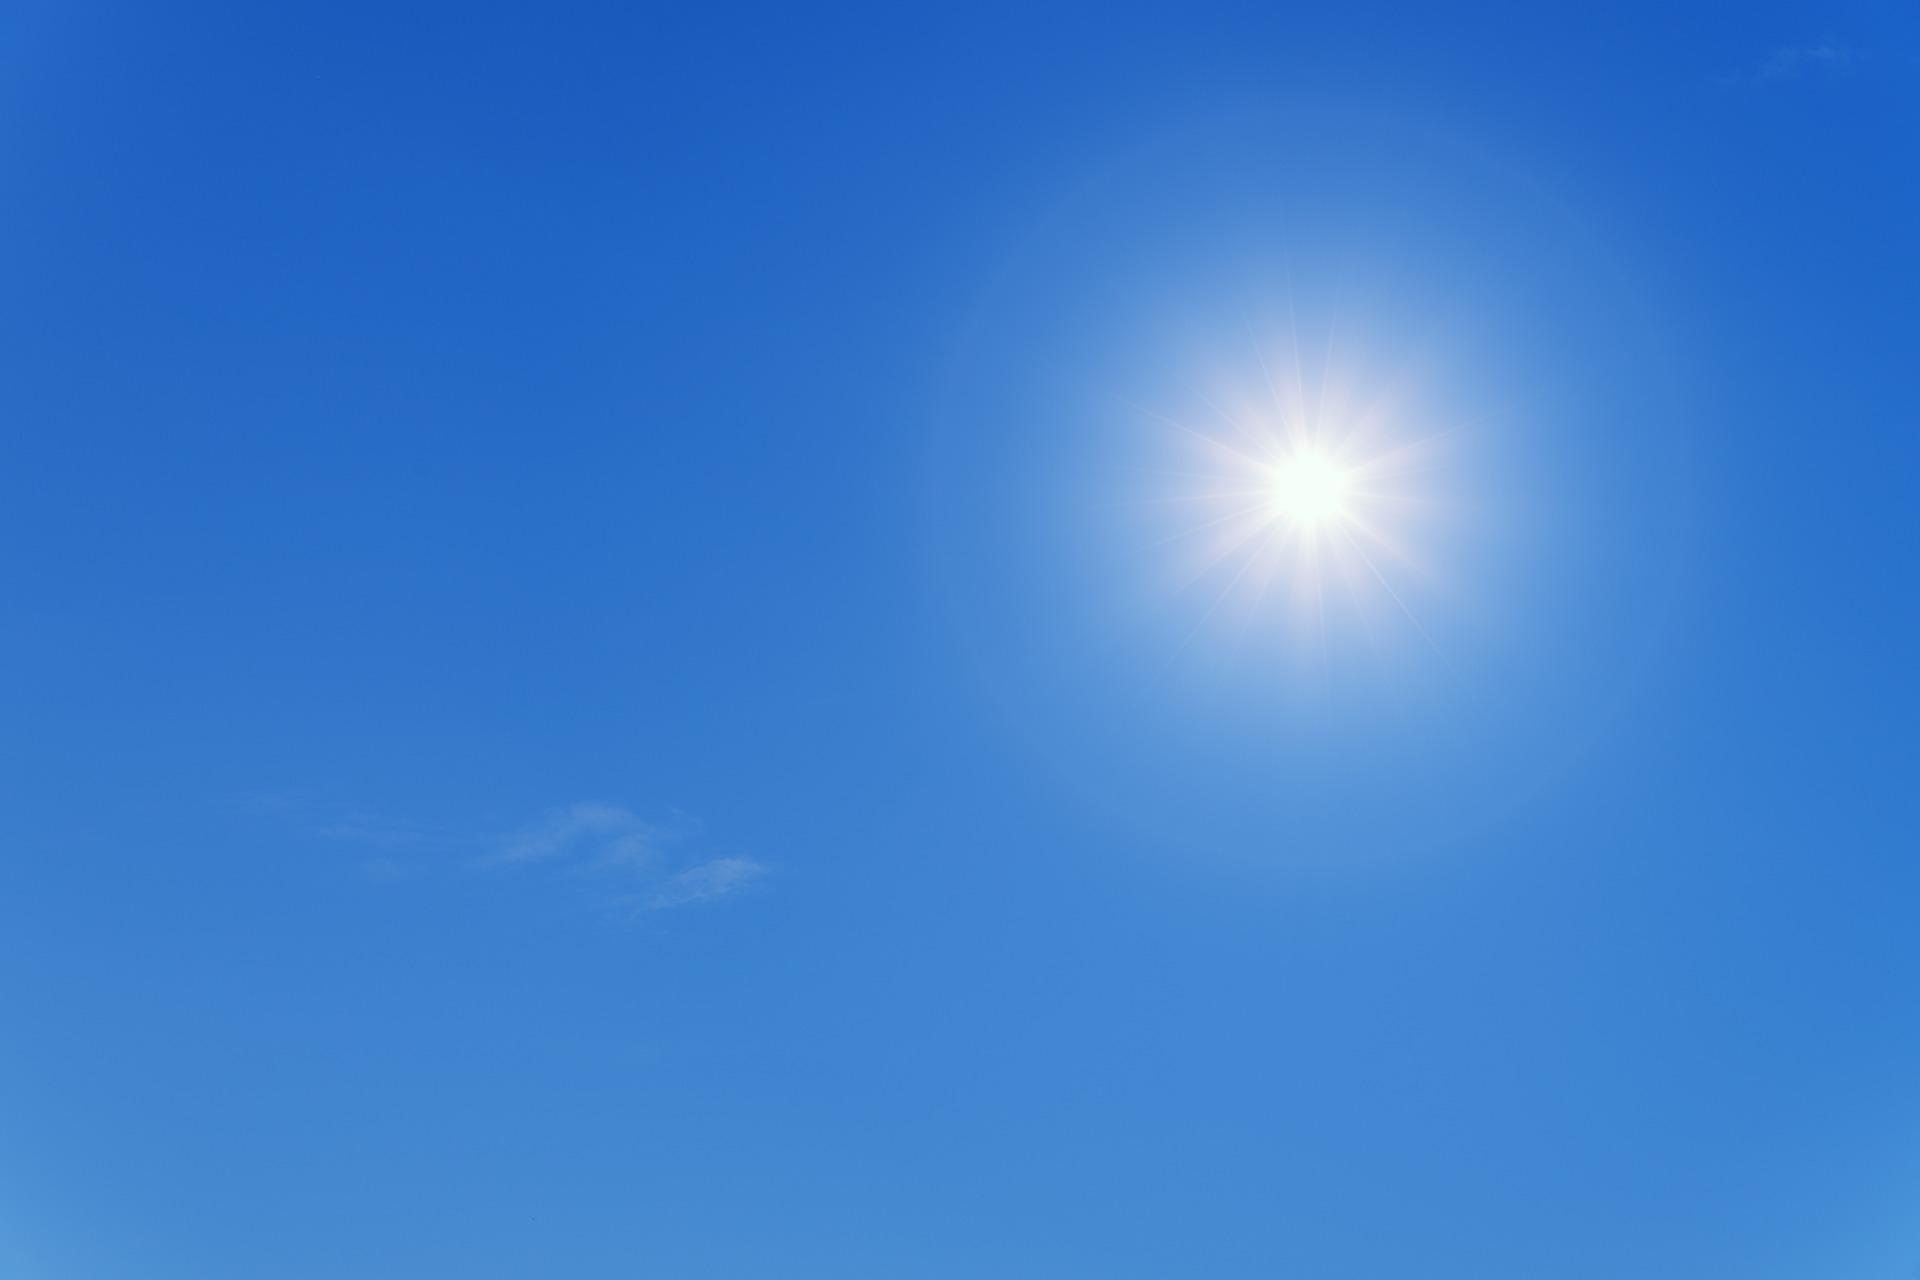 sun-3588618_1920 (1)